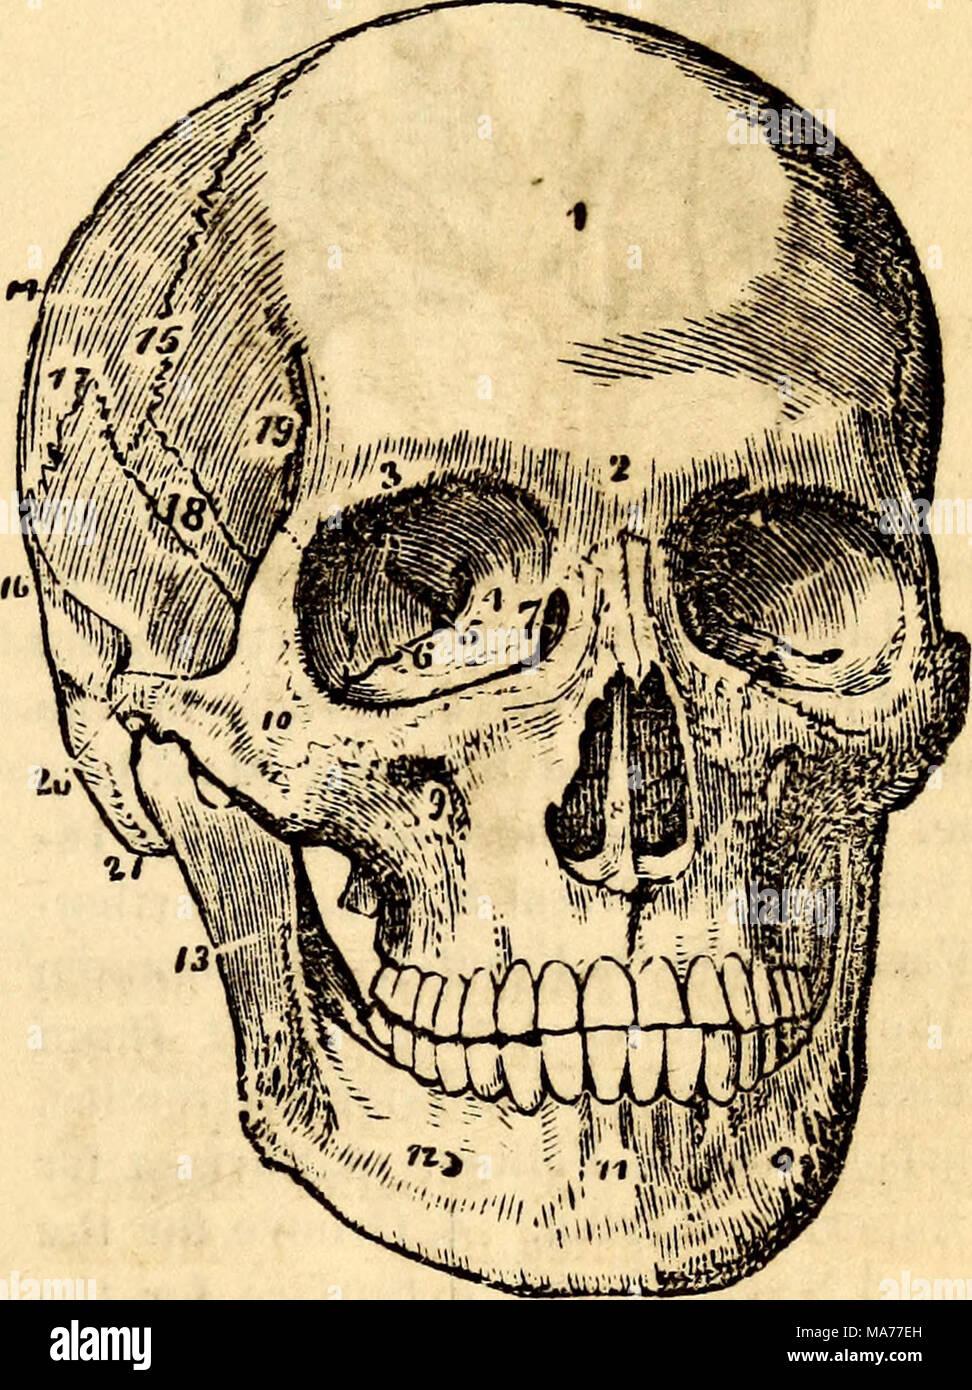 Großzügig Anatomie Und Physiologie 1 Und 2 Sommer Fotos ...